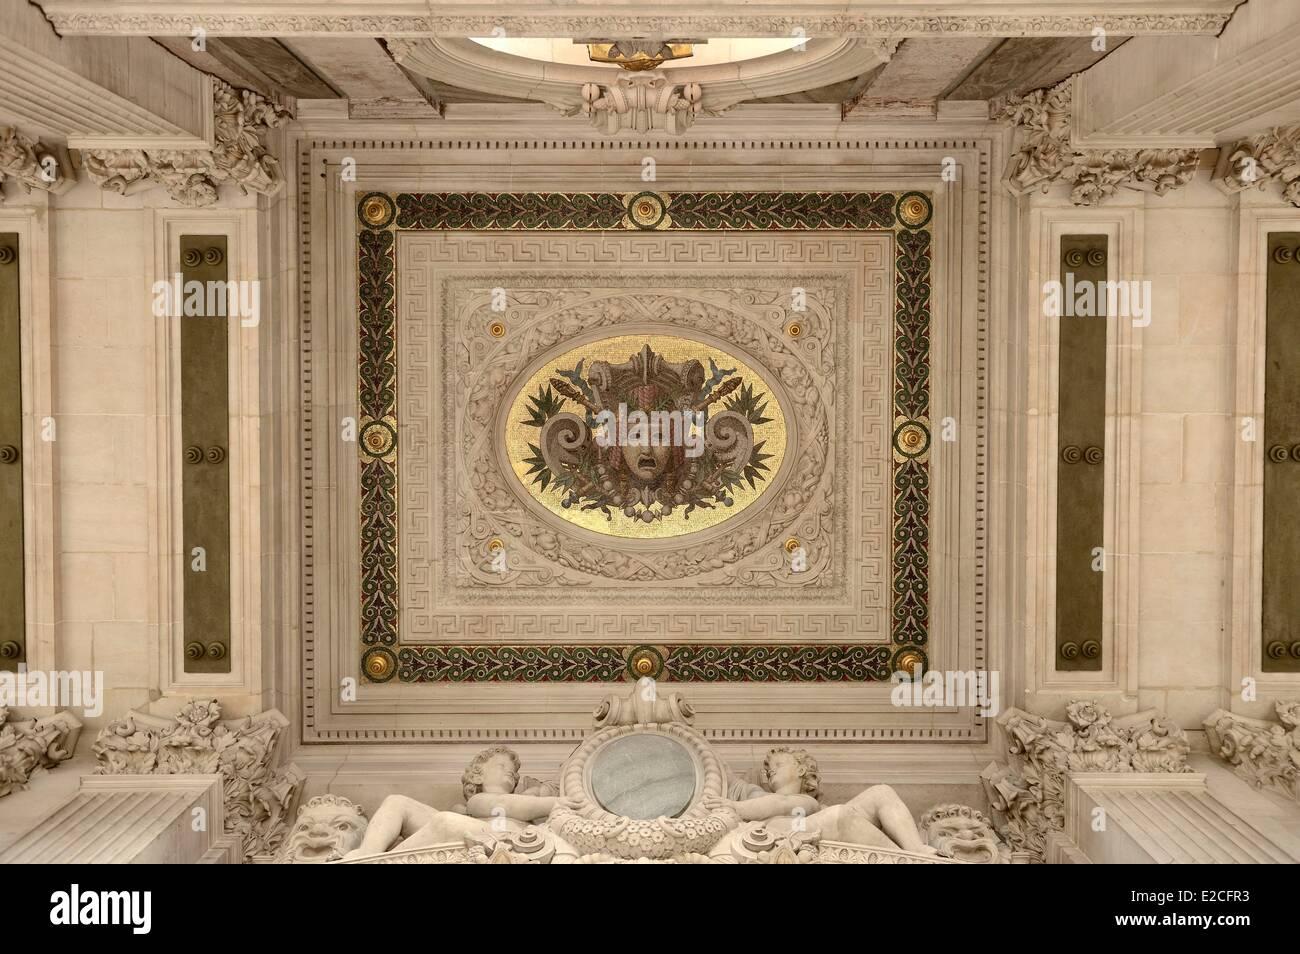 Francia, Parigi, Opera Garnier, particolare del soffitto della terrazza dalla facciata sud Immagini Stock